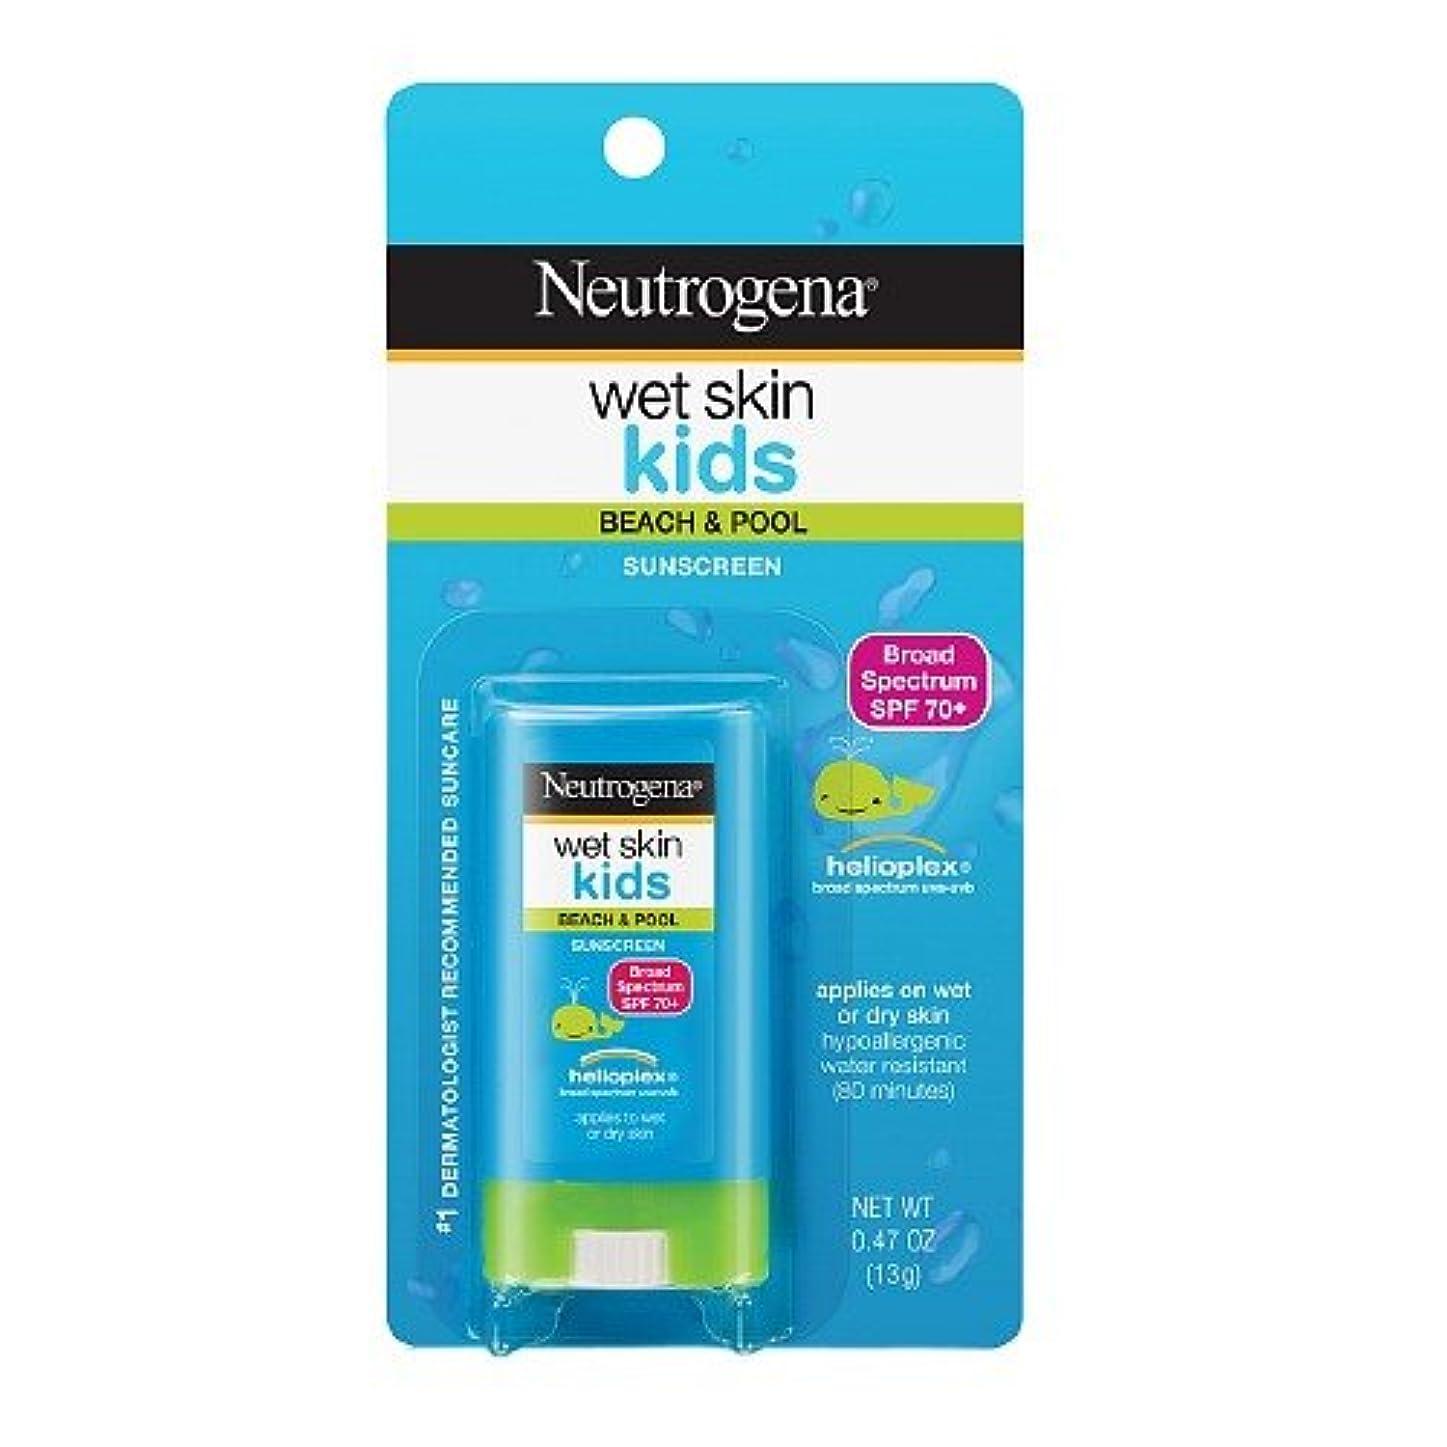 農学行方不明甘味Neutrogena ニュートロジーナオイル無ウェットスキンキッズ日焼け止めスティック SPF70 13g 並行輸入品